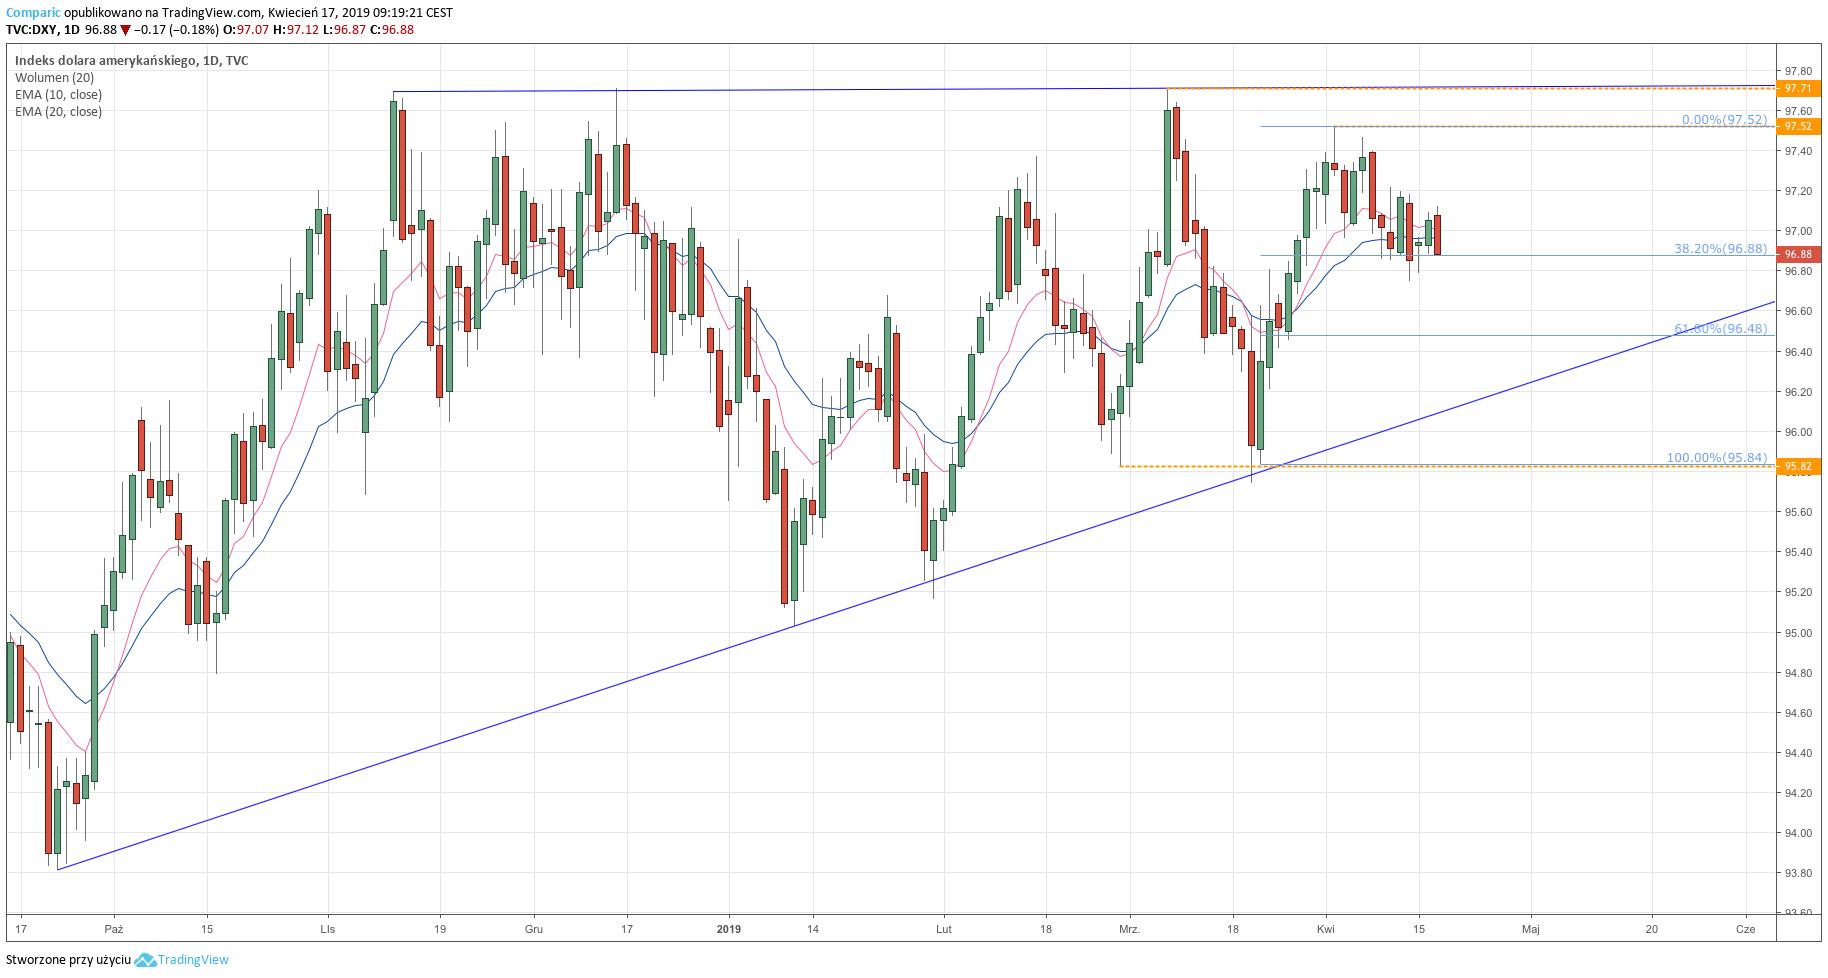 Indeks dolara (DXY) - wykres dzienny - 17 kwietnia 2019